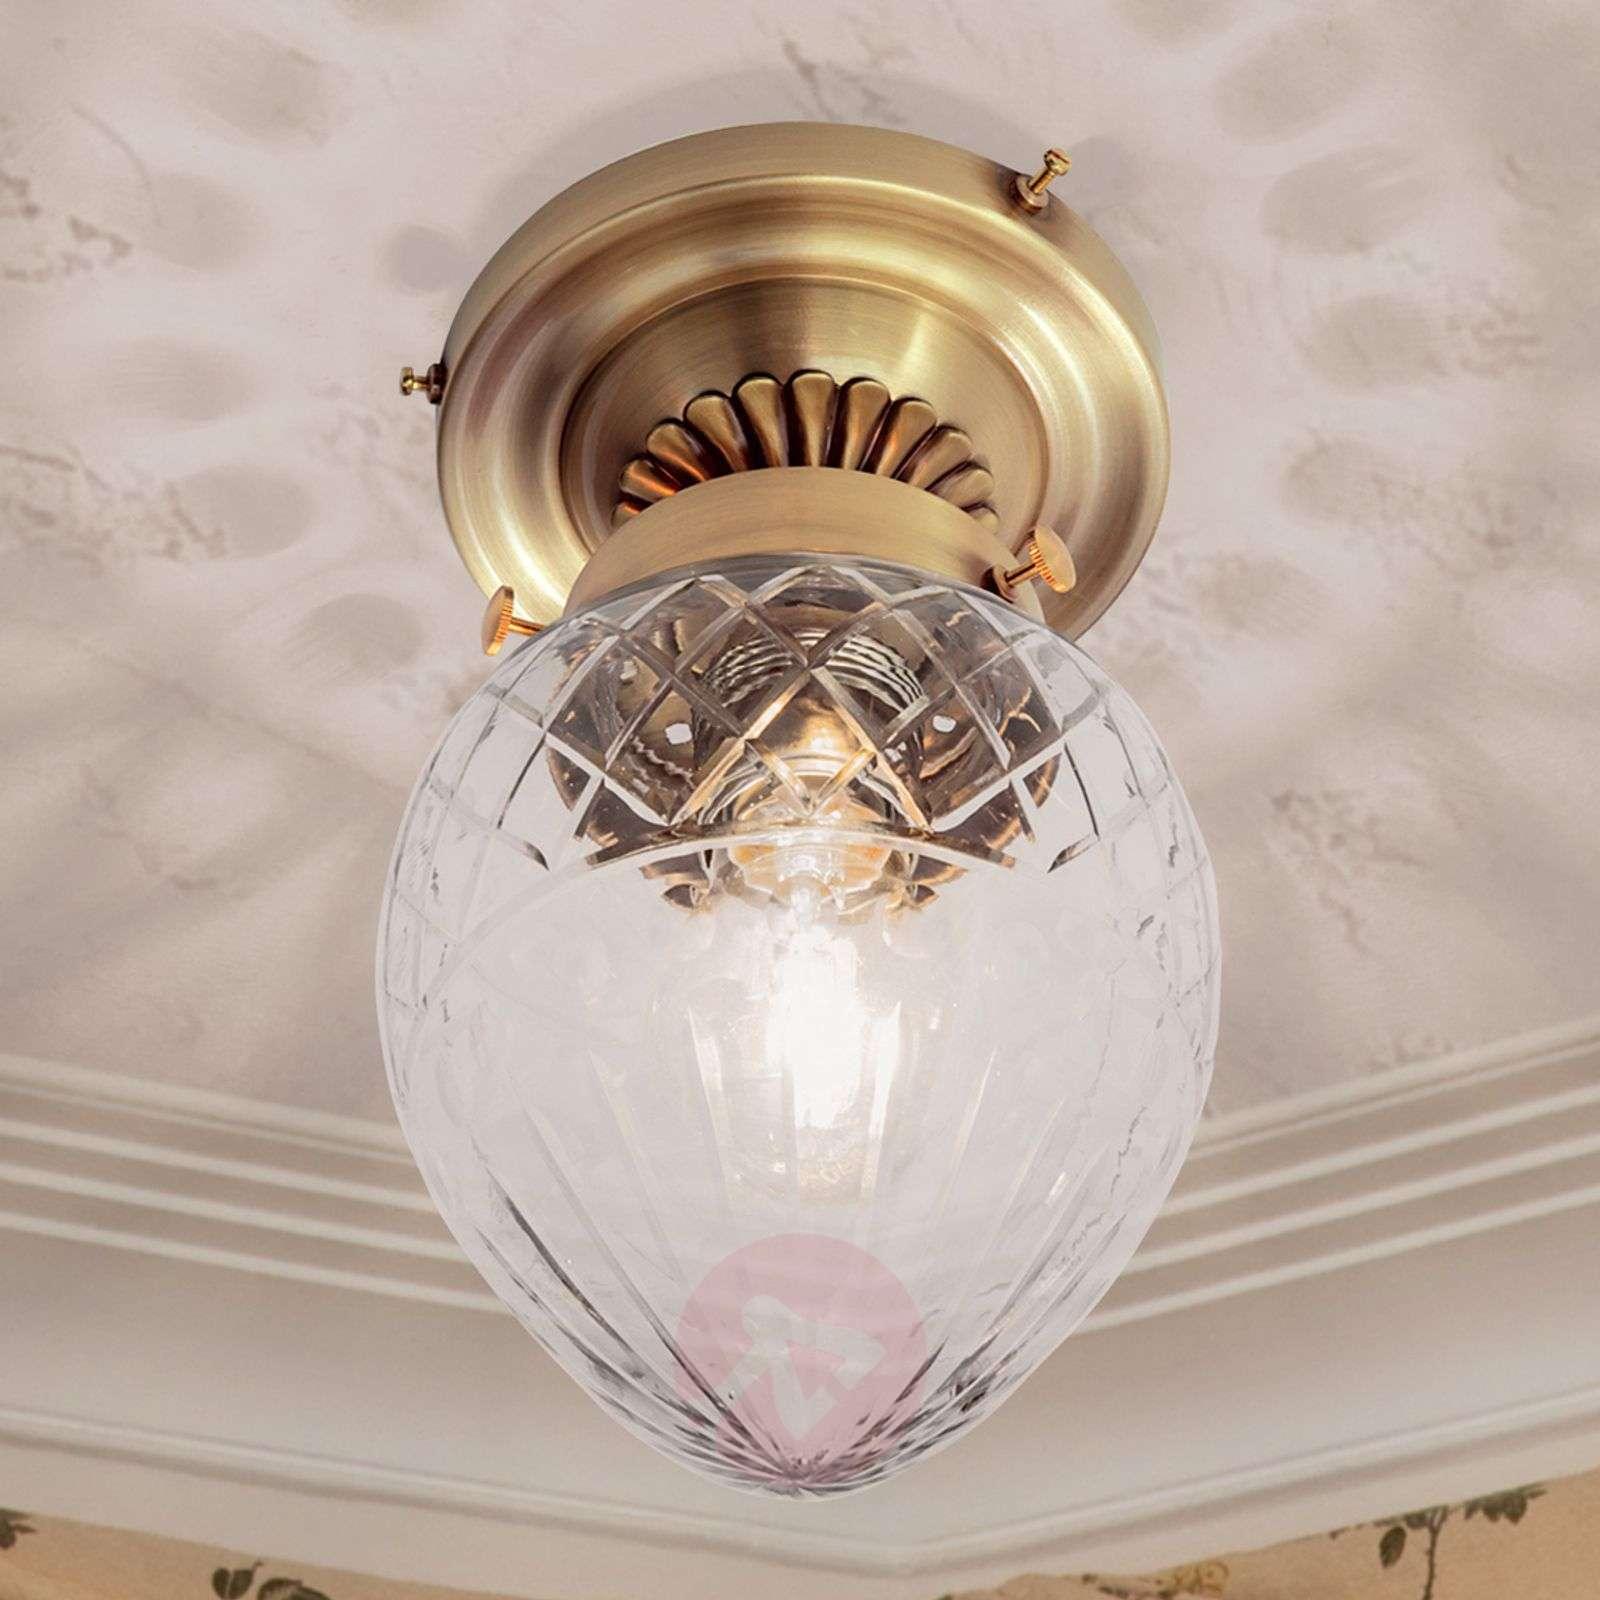 Loistokas kattovalaisin BARBORA 1-lamppuinen-7253990-01